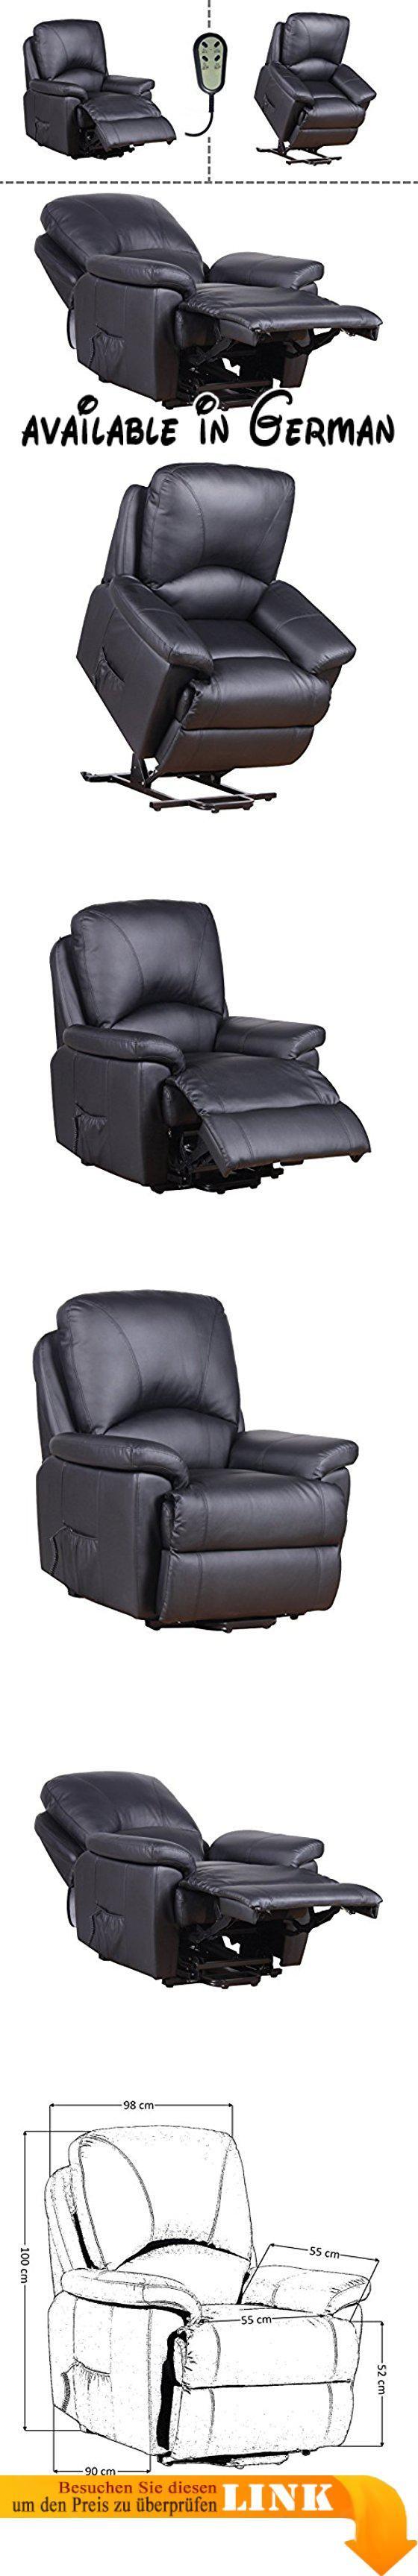 tv sessel mit motor und awesome cavadore cavadore mamby tvsessel elektrisch mit motoren zur. Black Bedroom Furniture Sets. Home Design Ideas